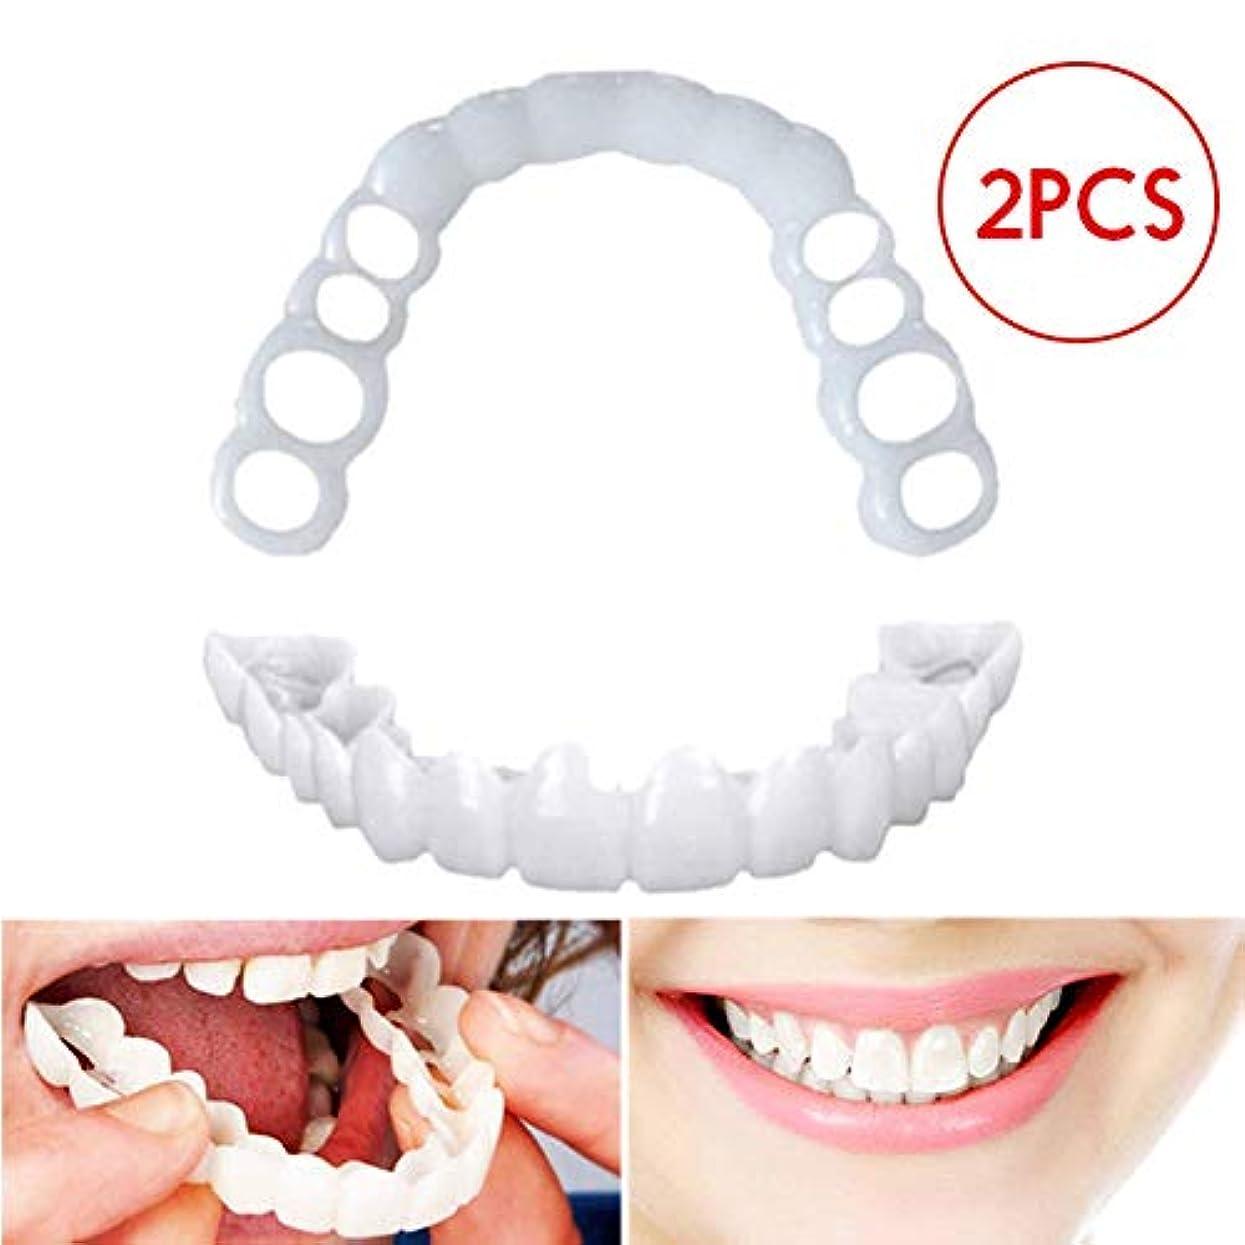 侮辱モンキー女性2組の一時的な化粧品の歯の義歯の歯の化粧品は装具を模倣しました、即刻の快適な完全なベニヤの歯のスナップキャップを白くします,2pcsupperteeth